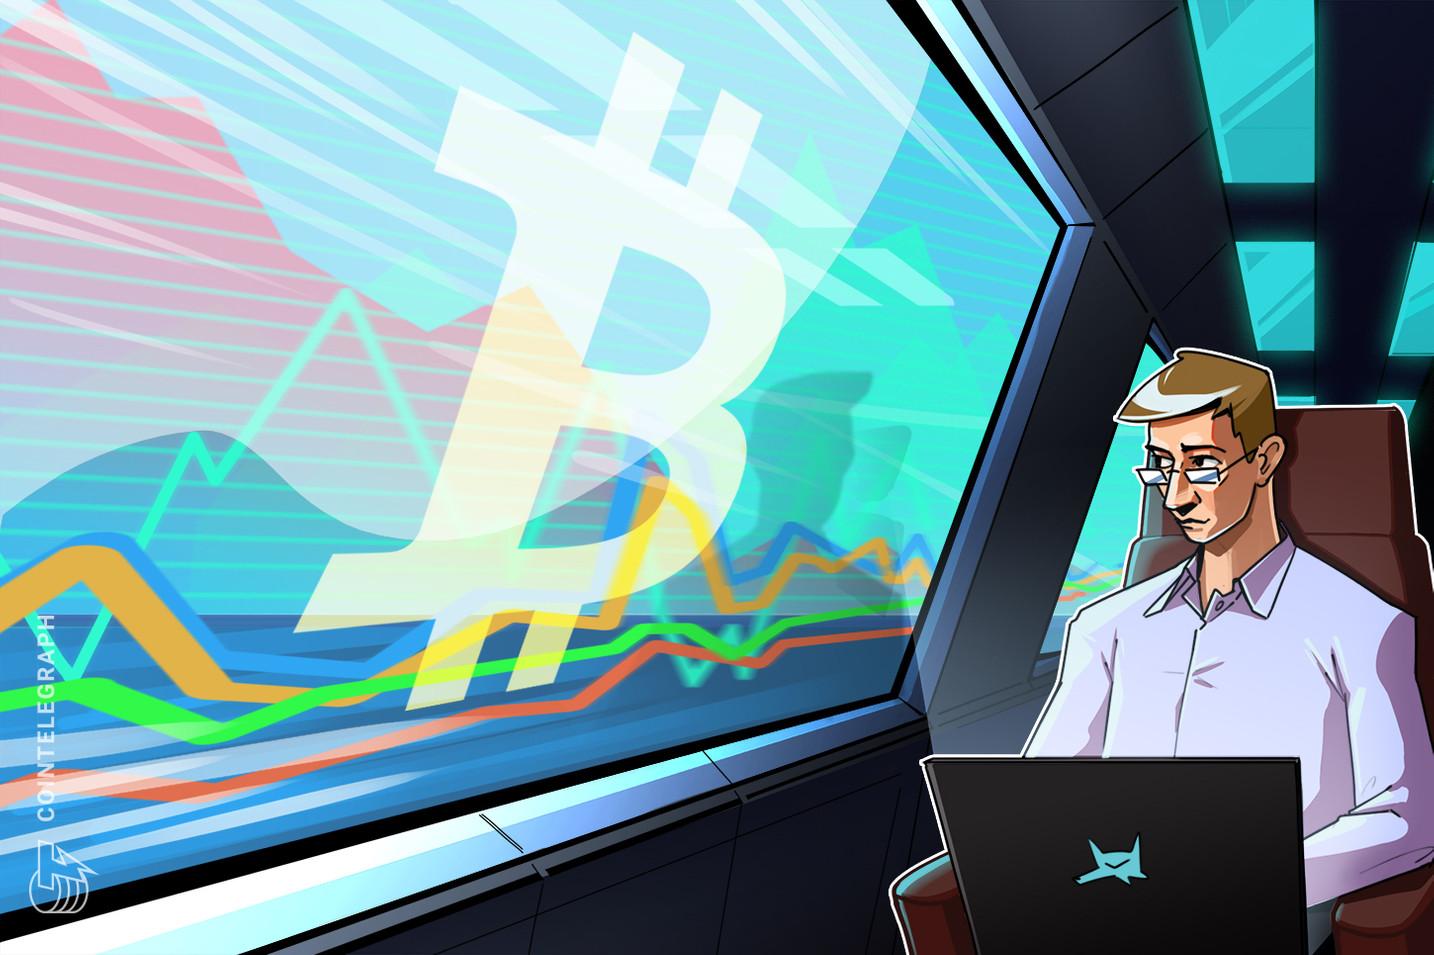 BTC si avvicina alla resa dei conti a 60.000$: 5 cose da osservare in Bitcoin questa settimana